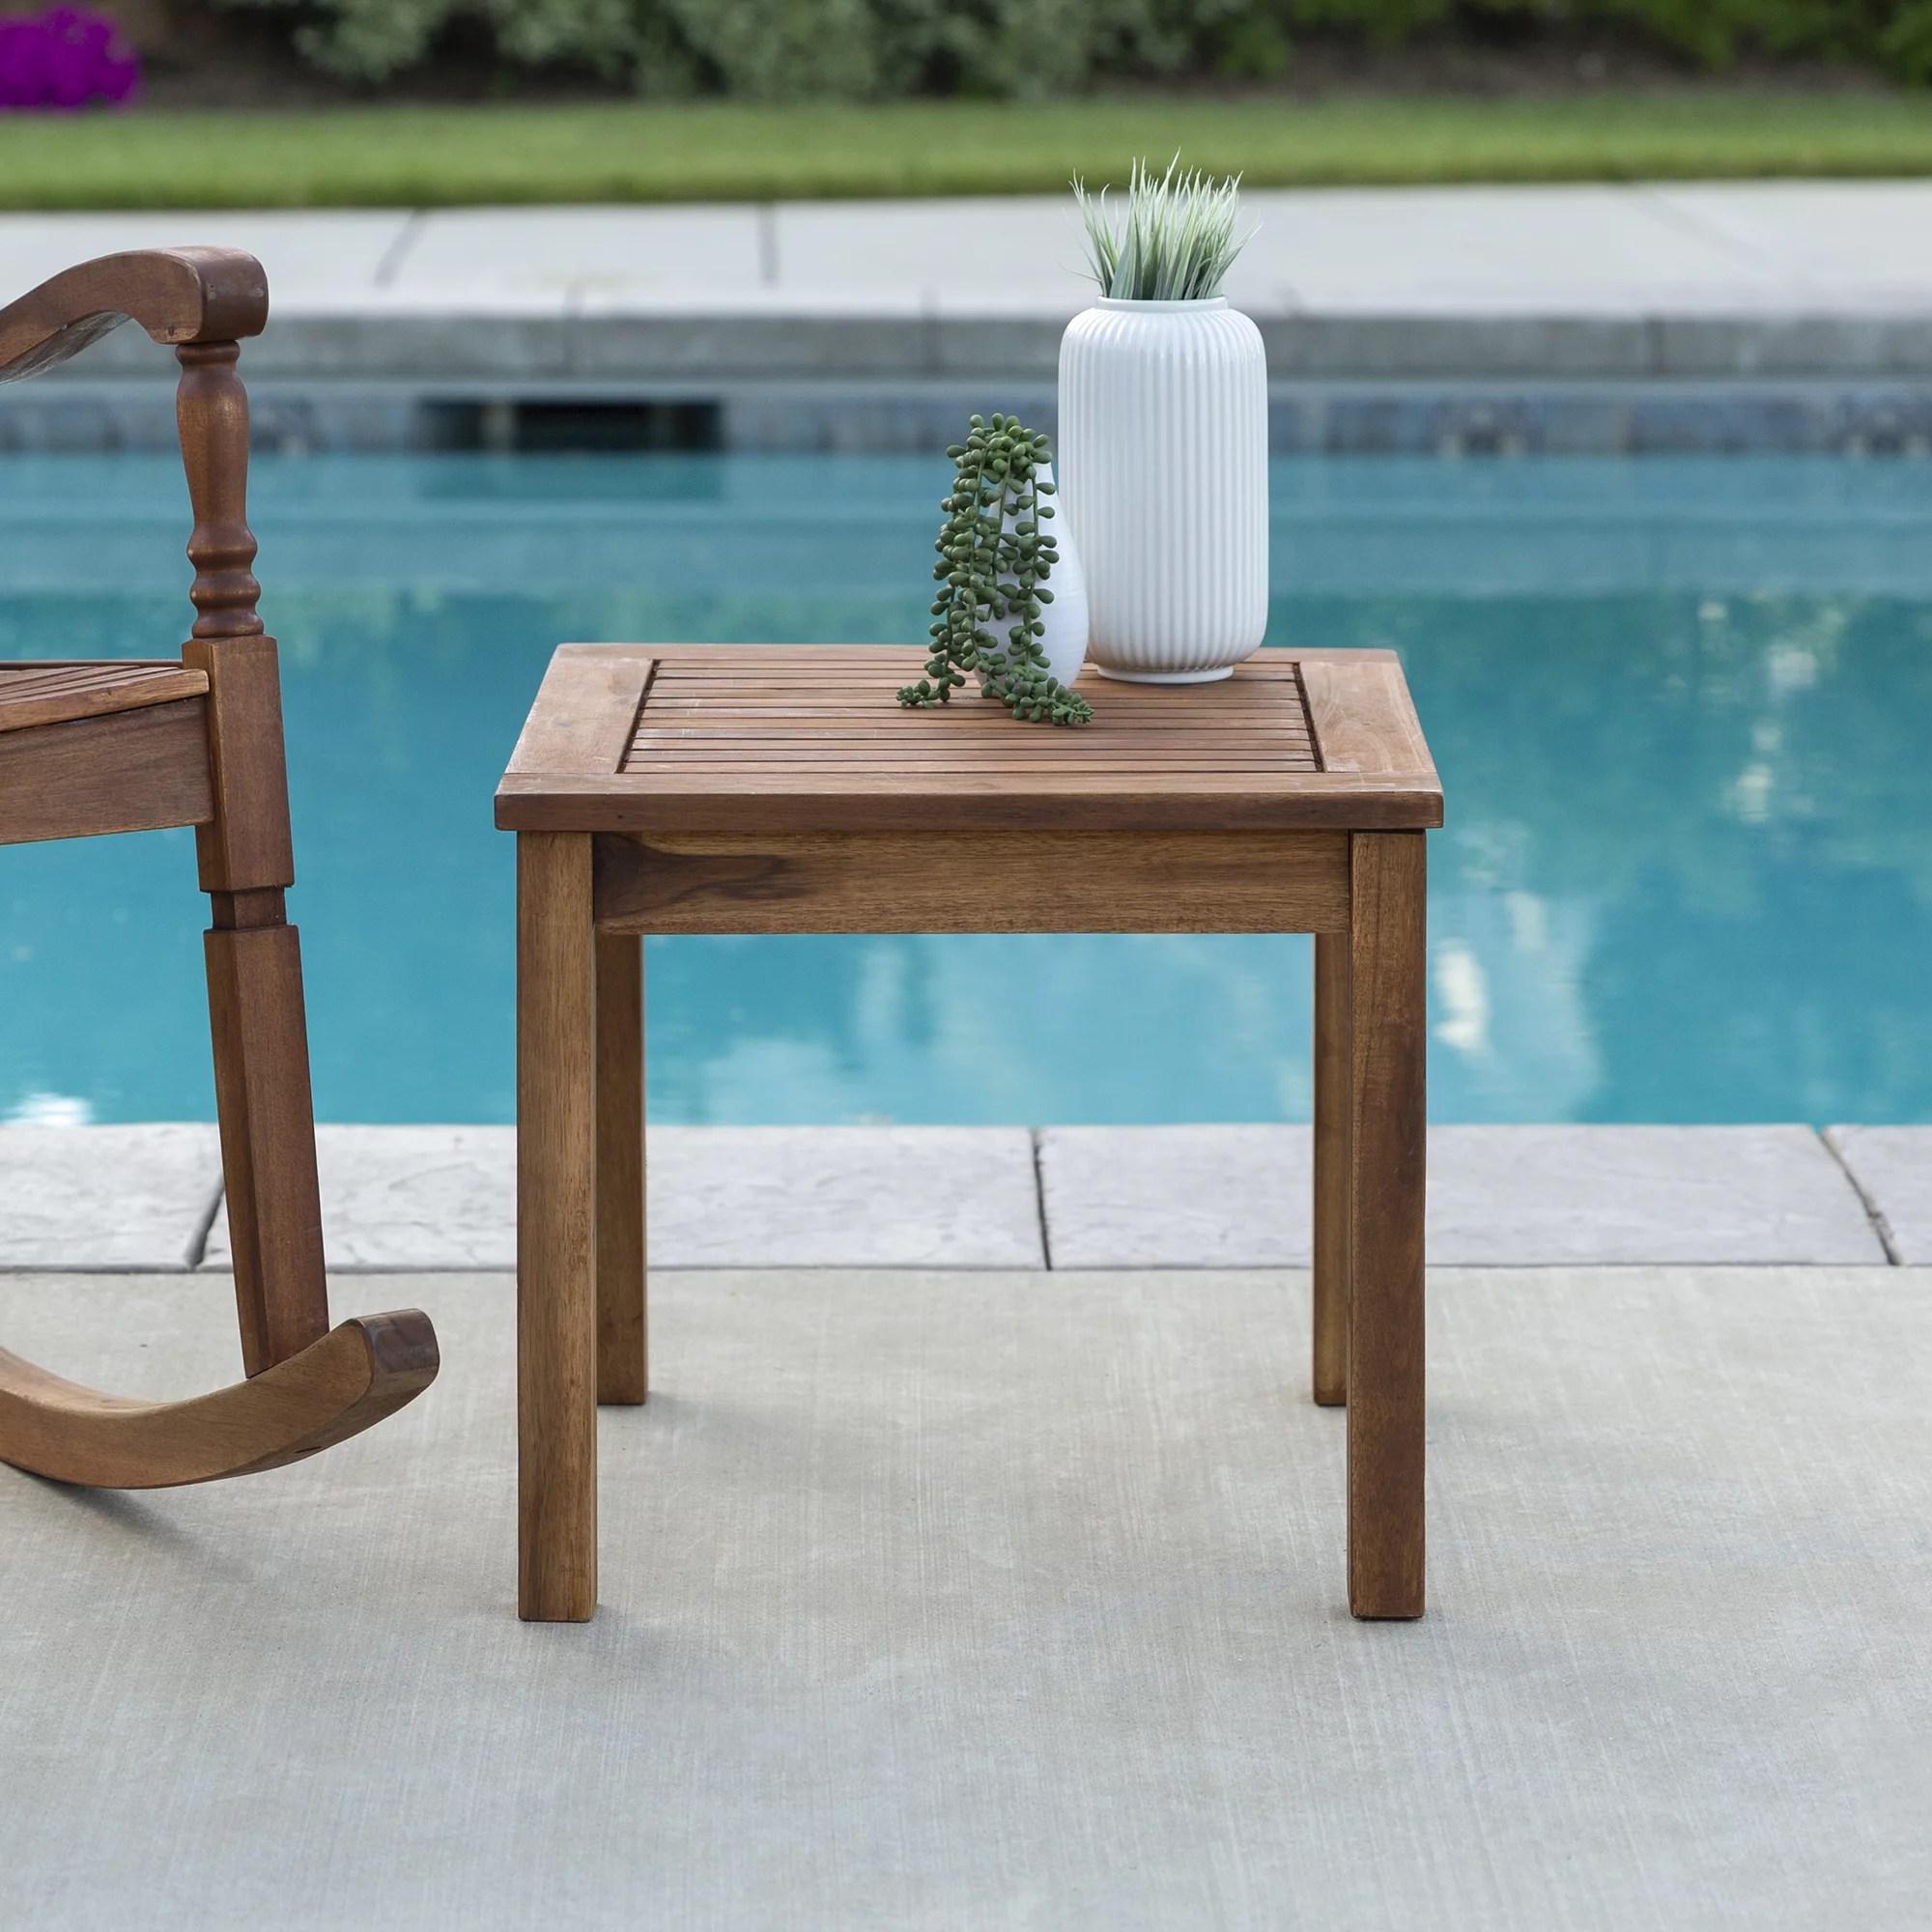 manor park acacia wood outdoor patio end table brown walmart com